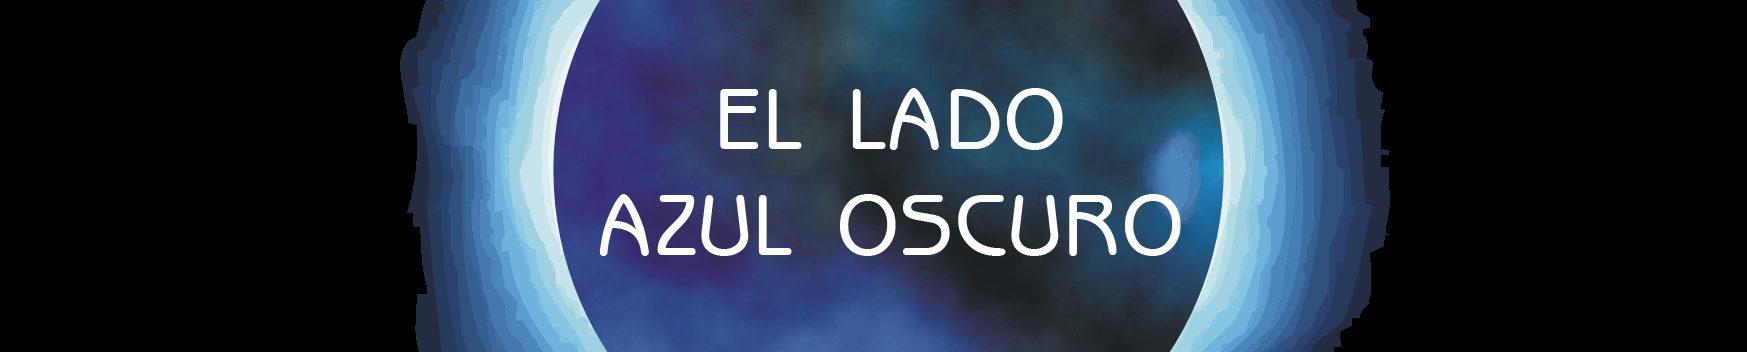 El Lado Azul Oscuro - Blog de Luna Azul